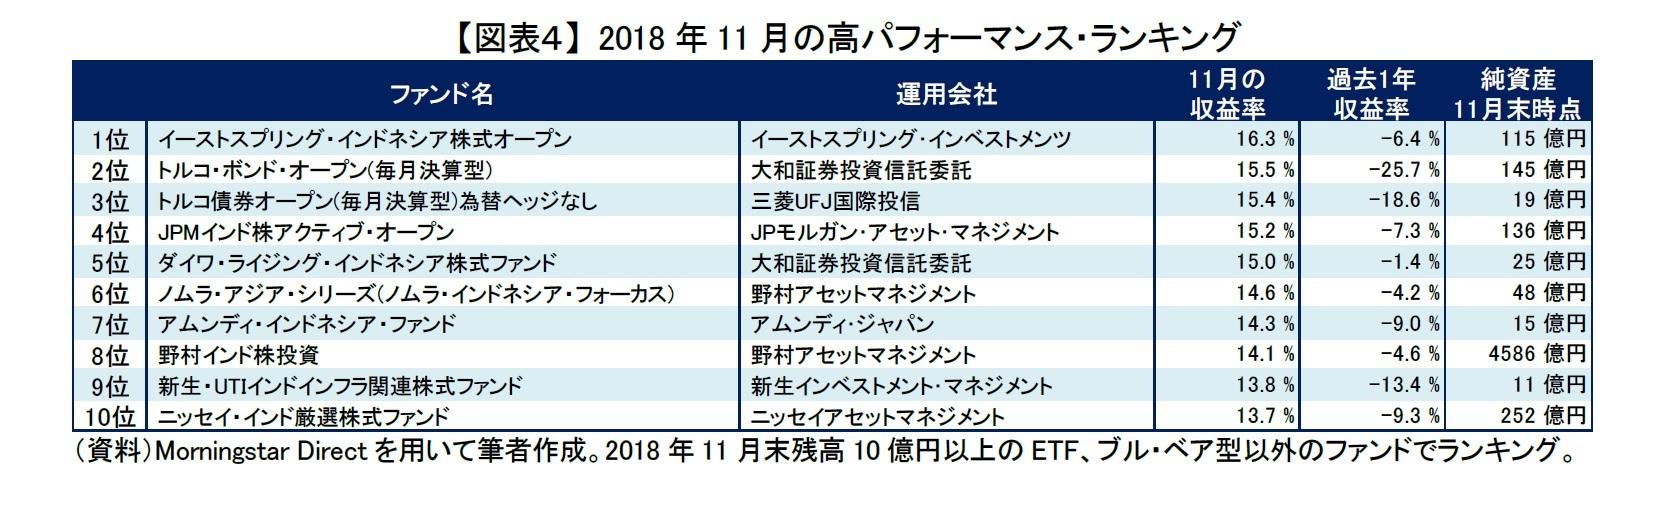 【図表4】 2018年11月の高パフォーマンス・ランキング